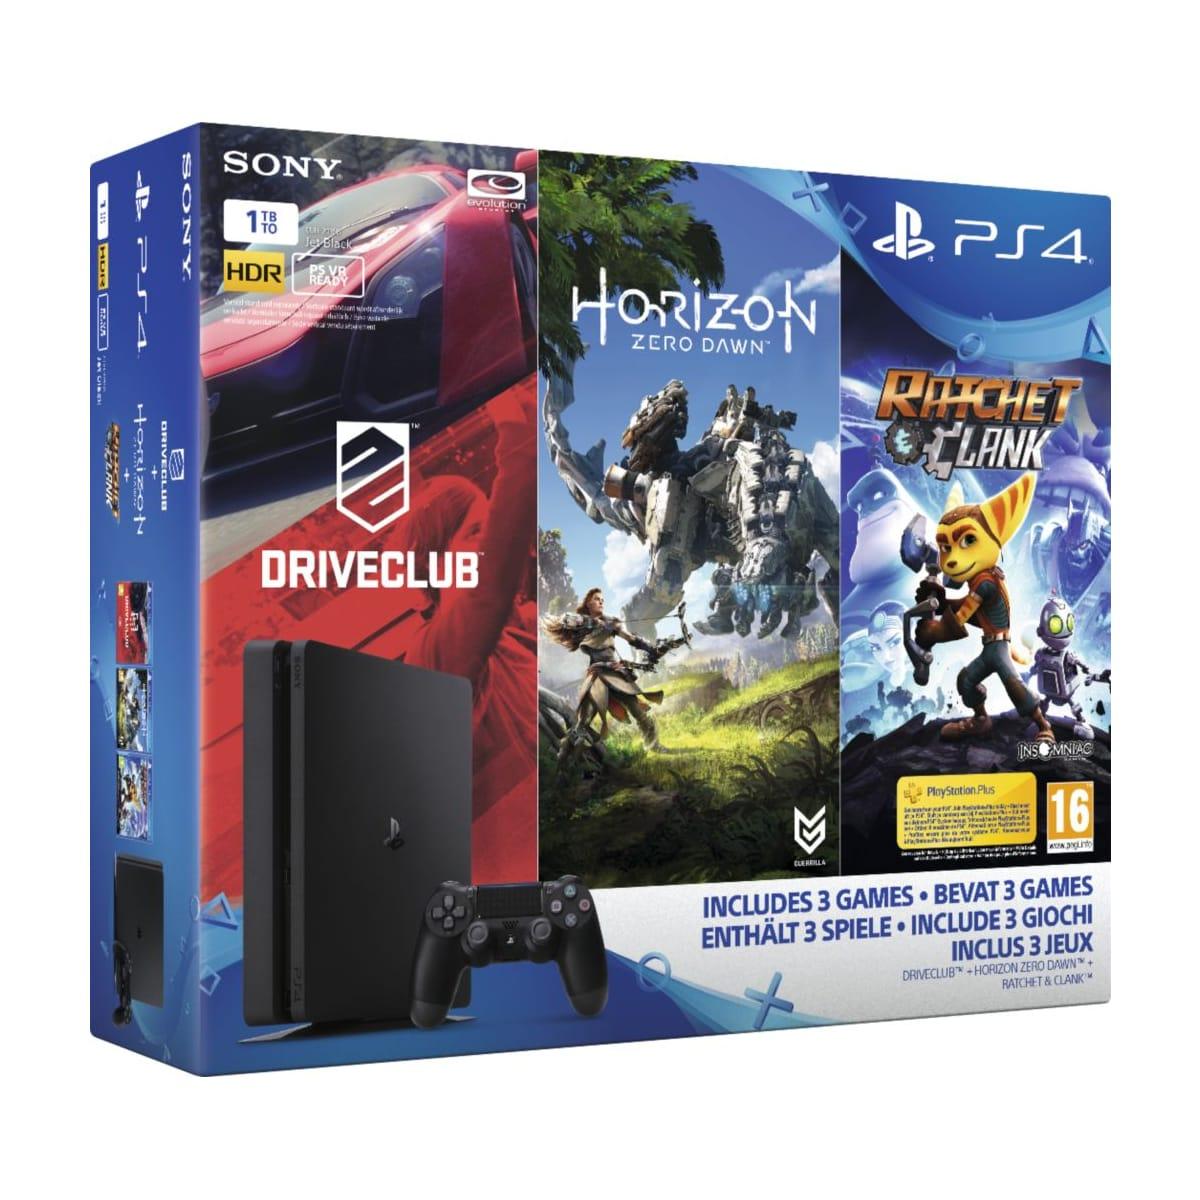 Pack console Sony PlayStation 4 Slim - 1 To + DriveClub + Horizon Zero Dawn + Ratchet & Clank + Qui es-tu (dématérialisé)